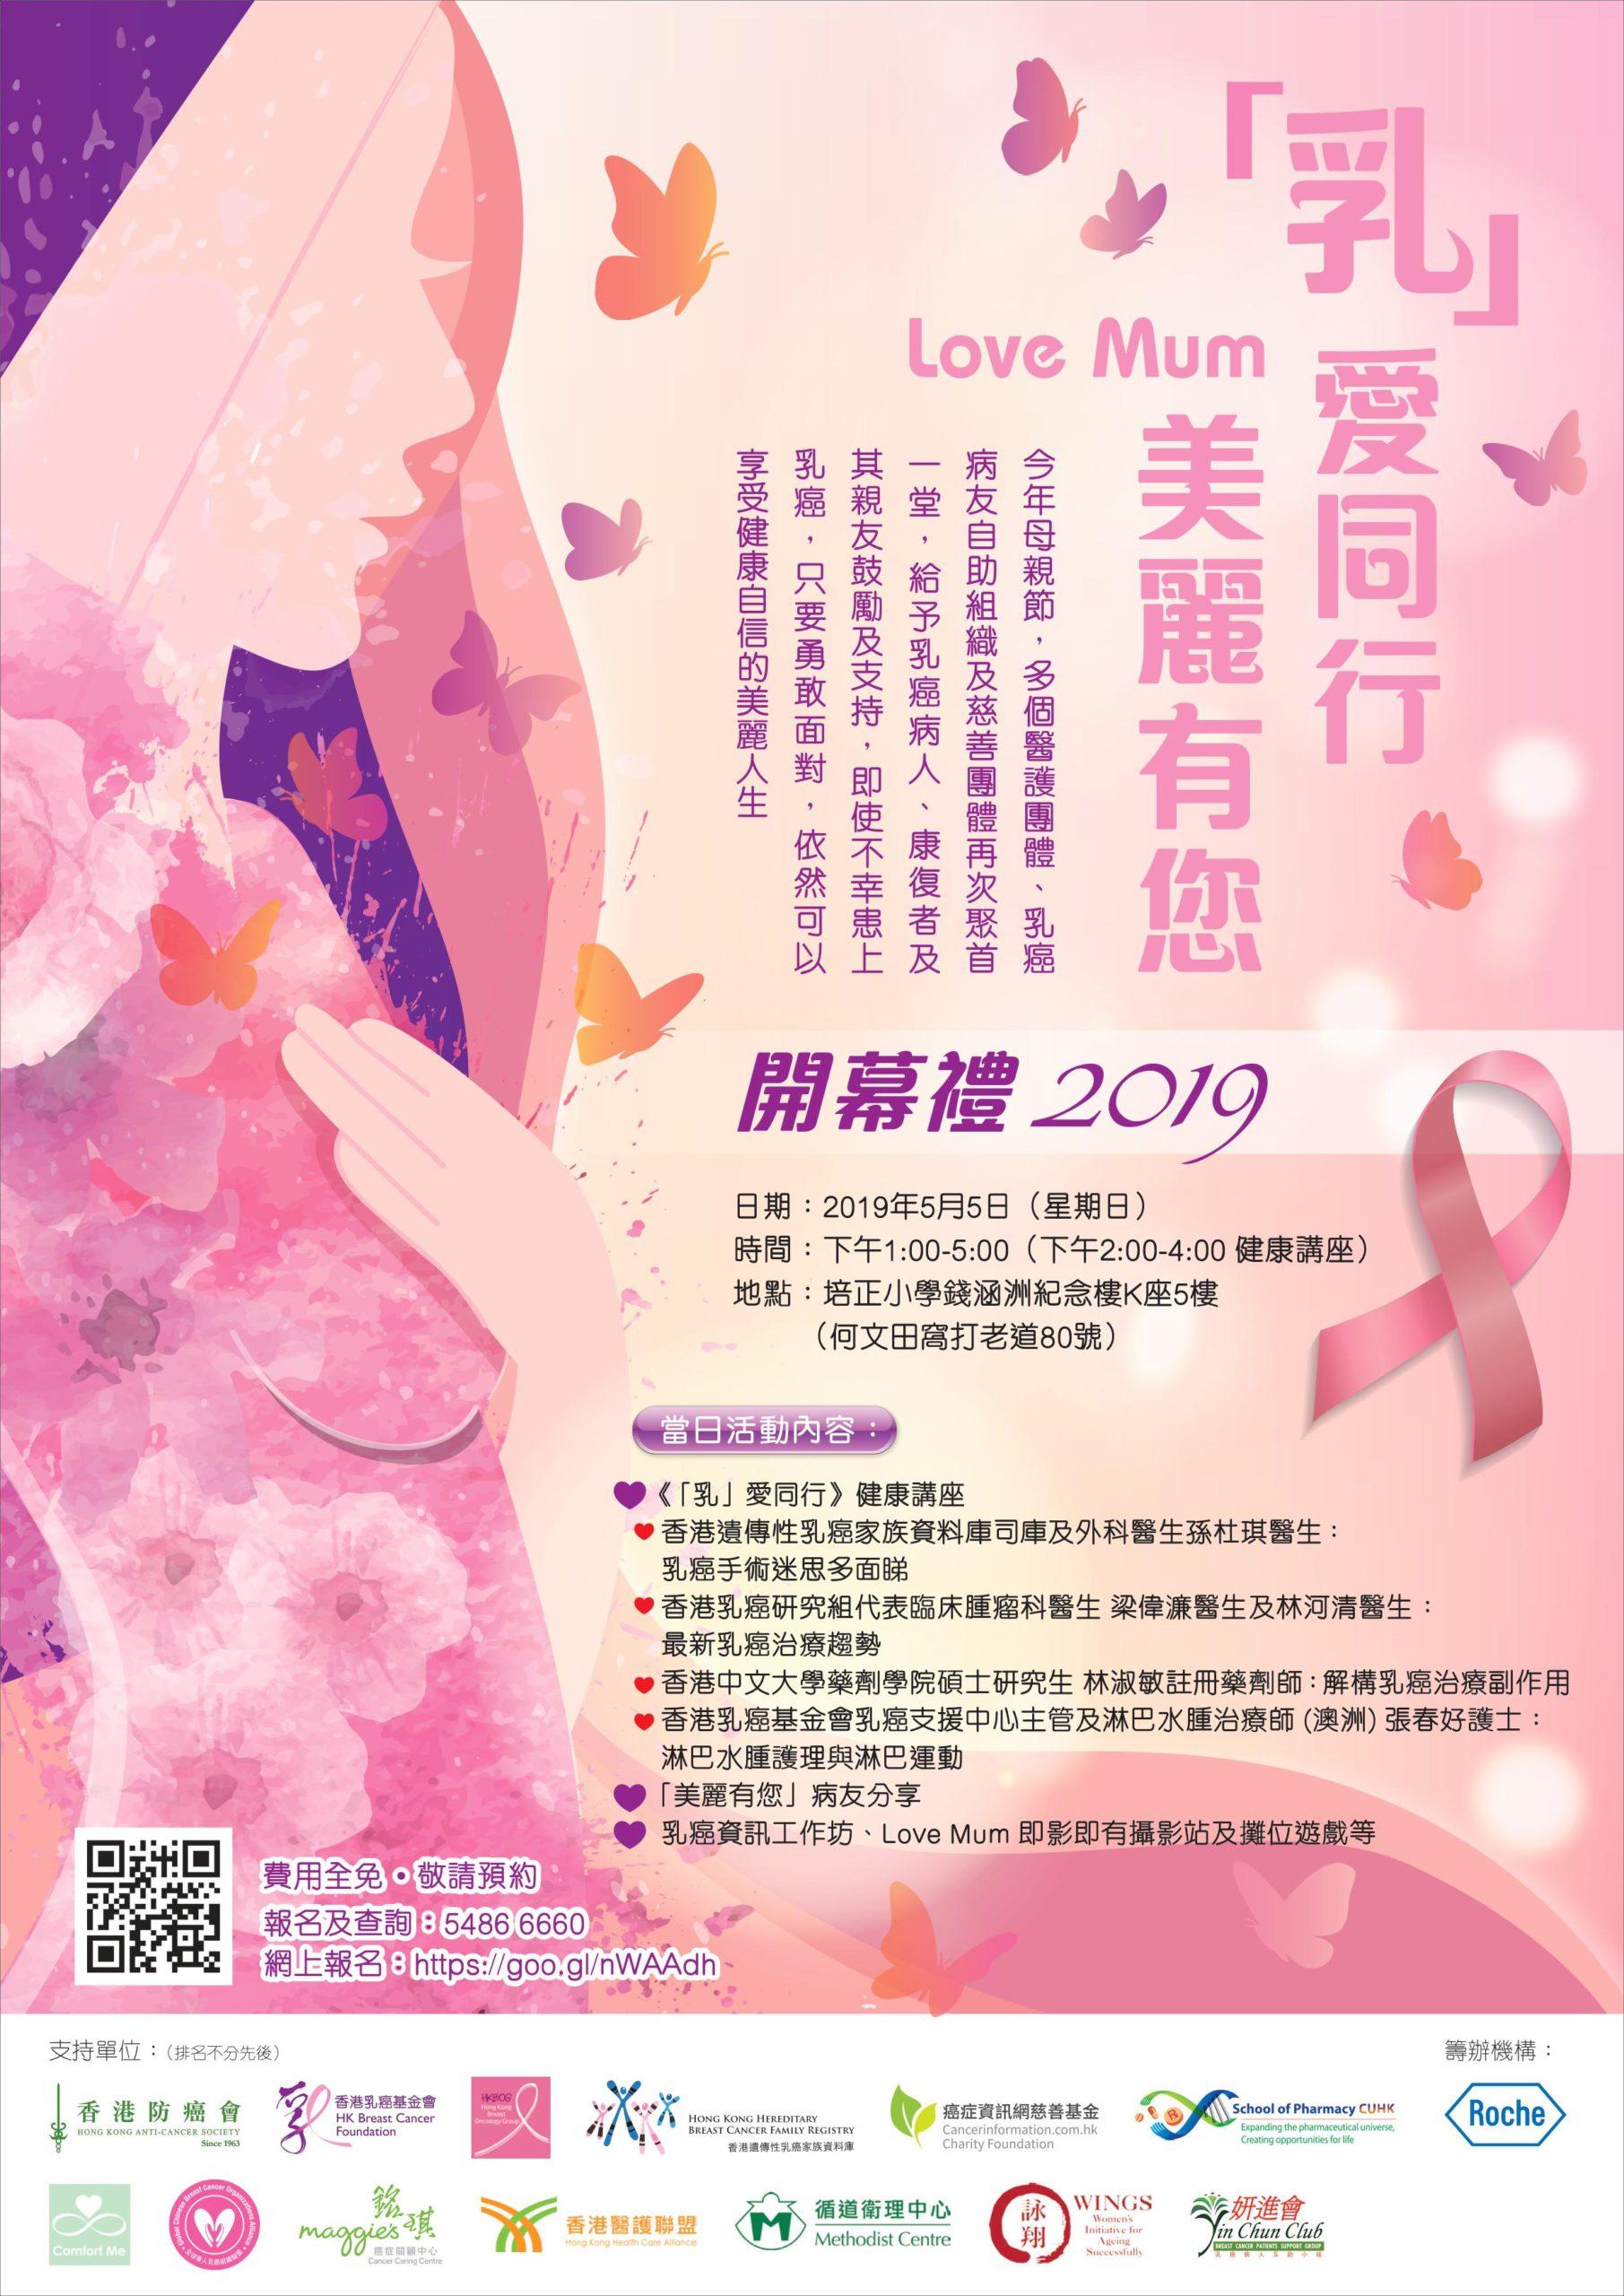 Love Mum「乳」愛同行‧美麗有您 2019開幕禮